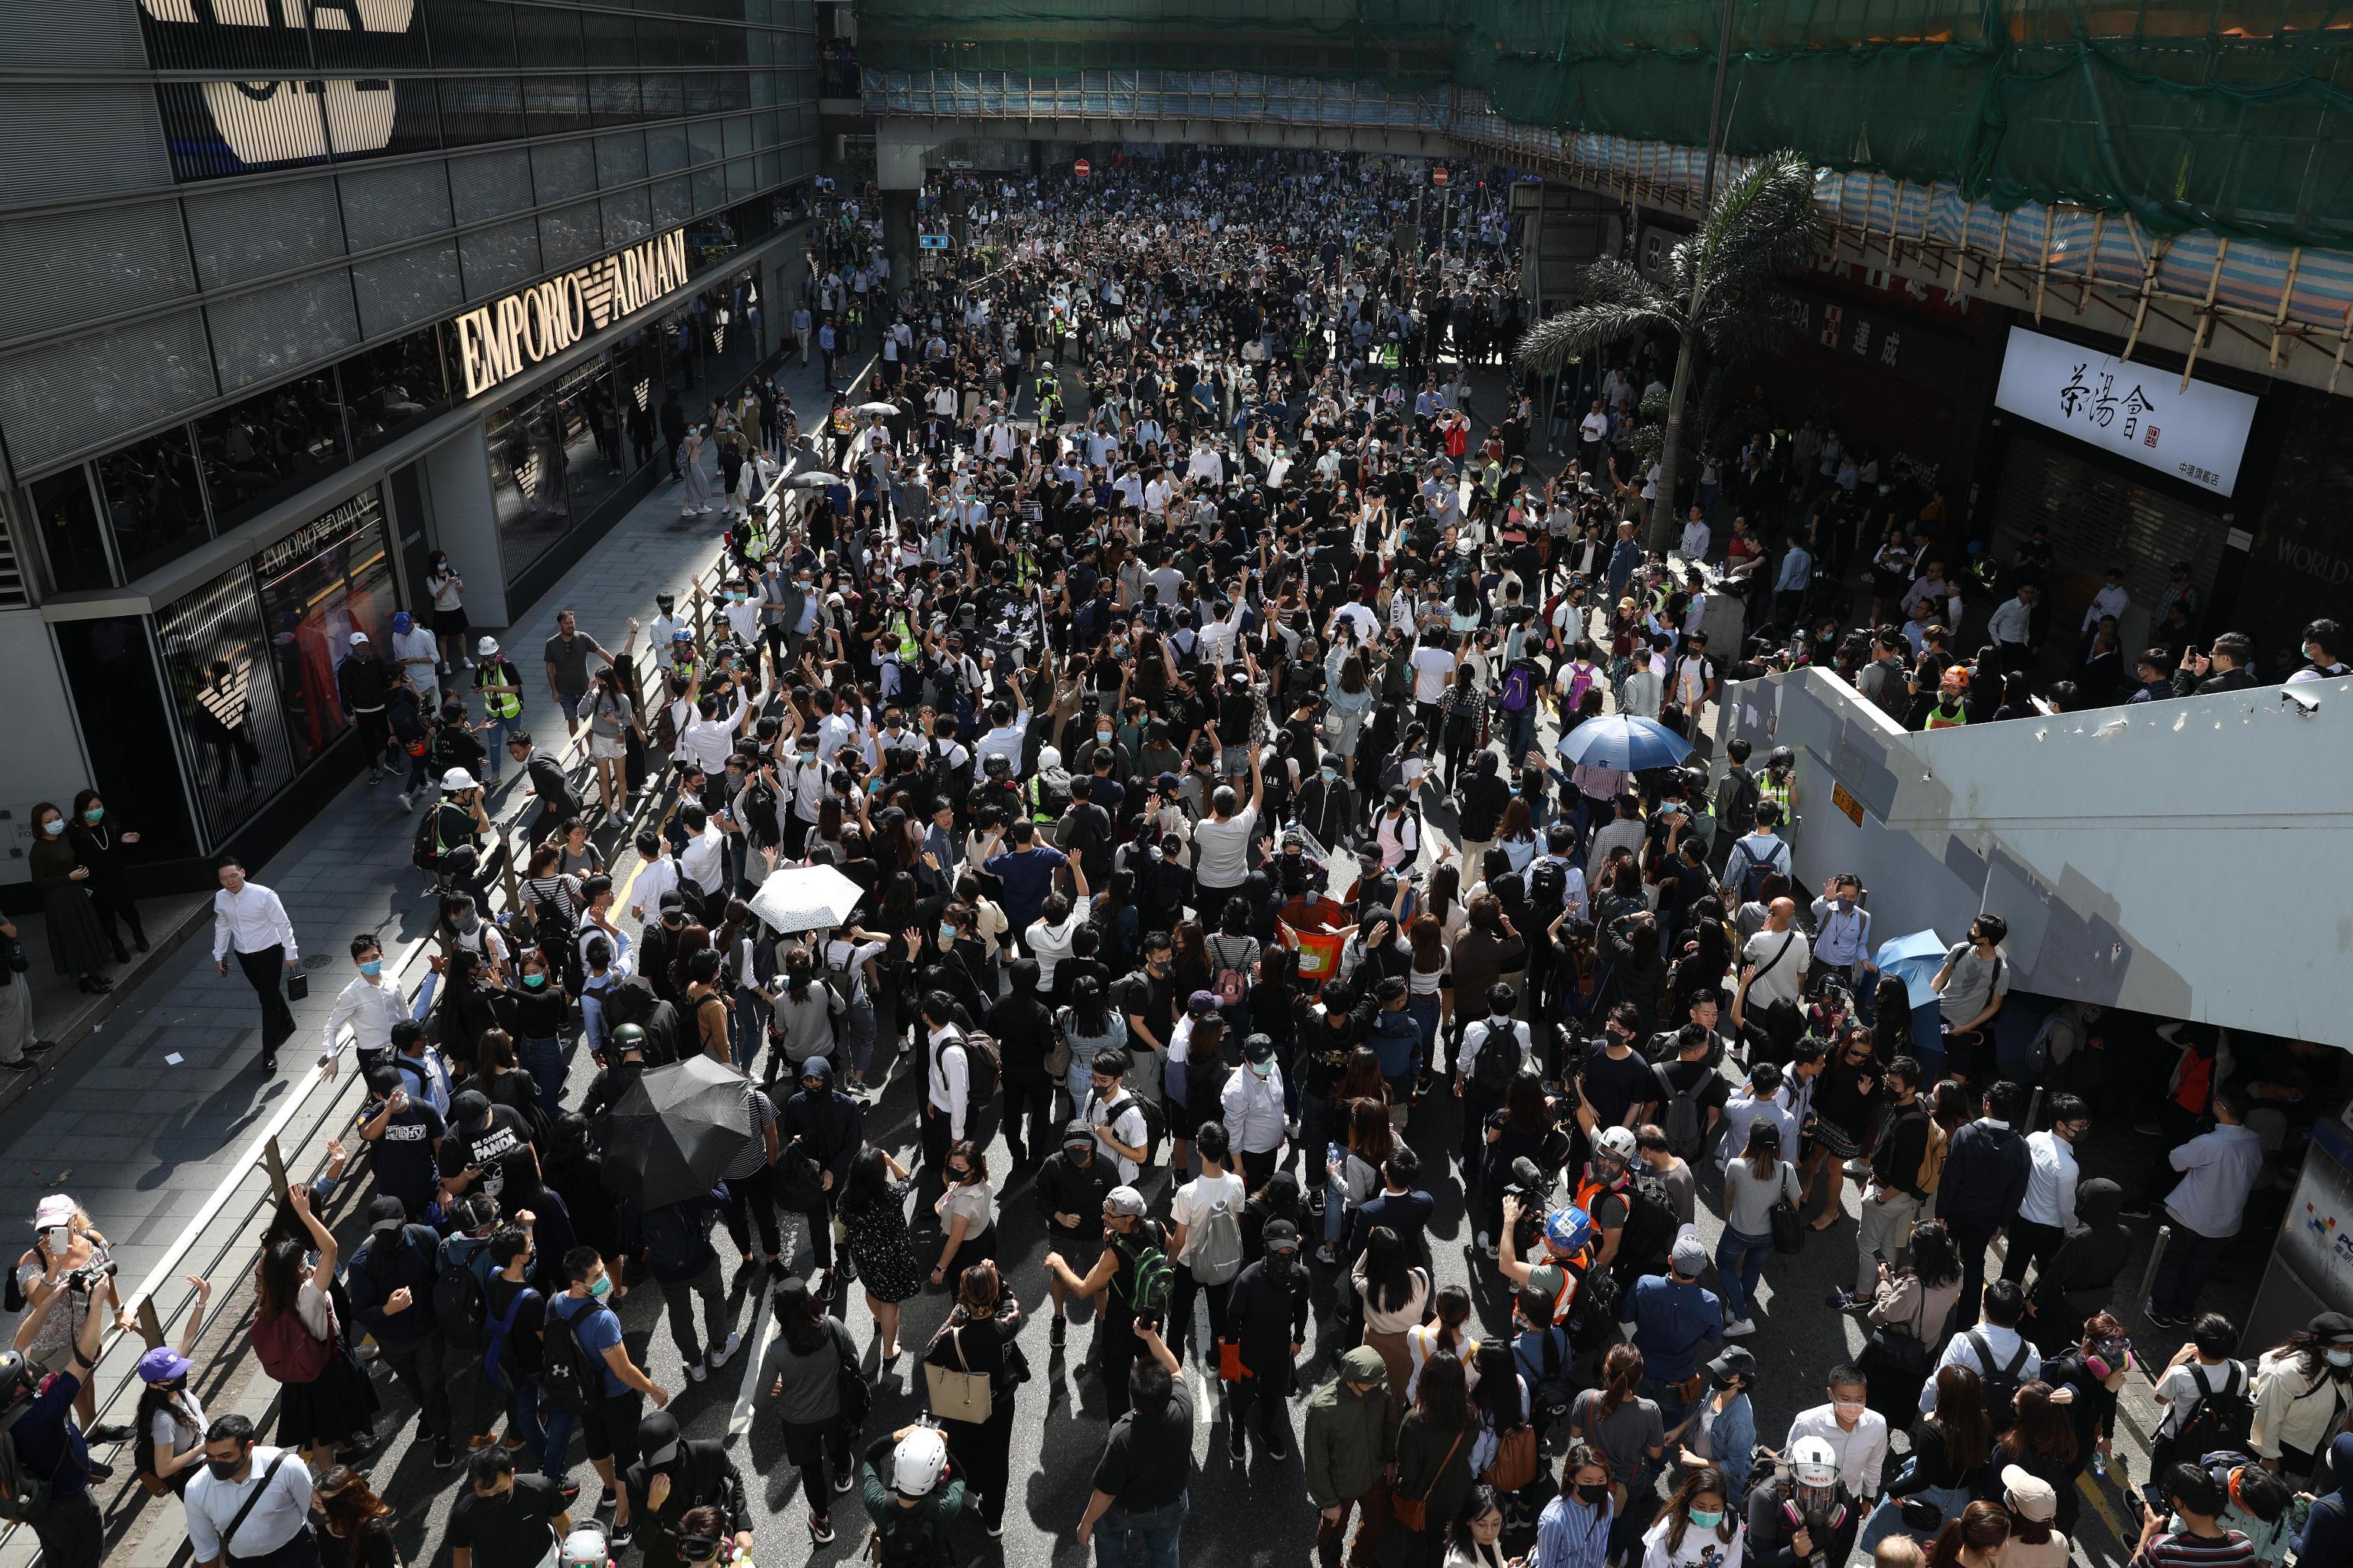 Migliaia di persone continuano a scendere nelle vie della città, ogni giorno, per chiedere più democrazia